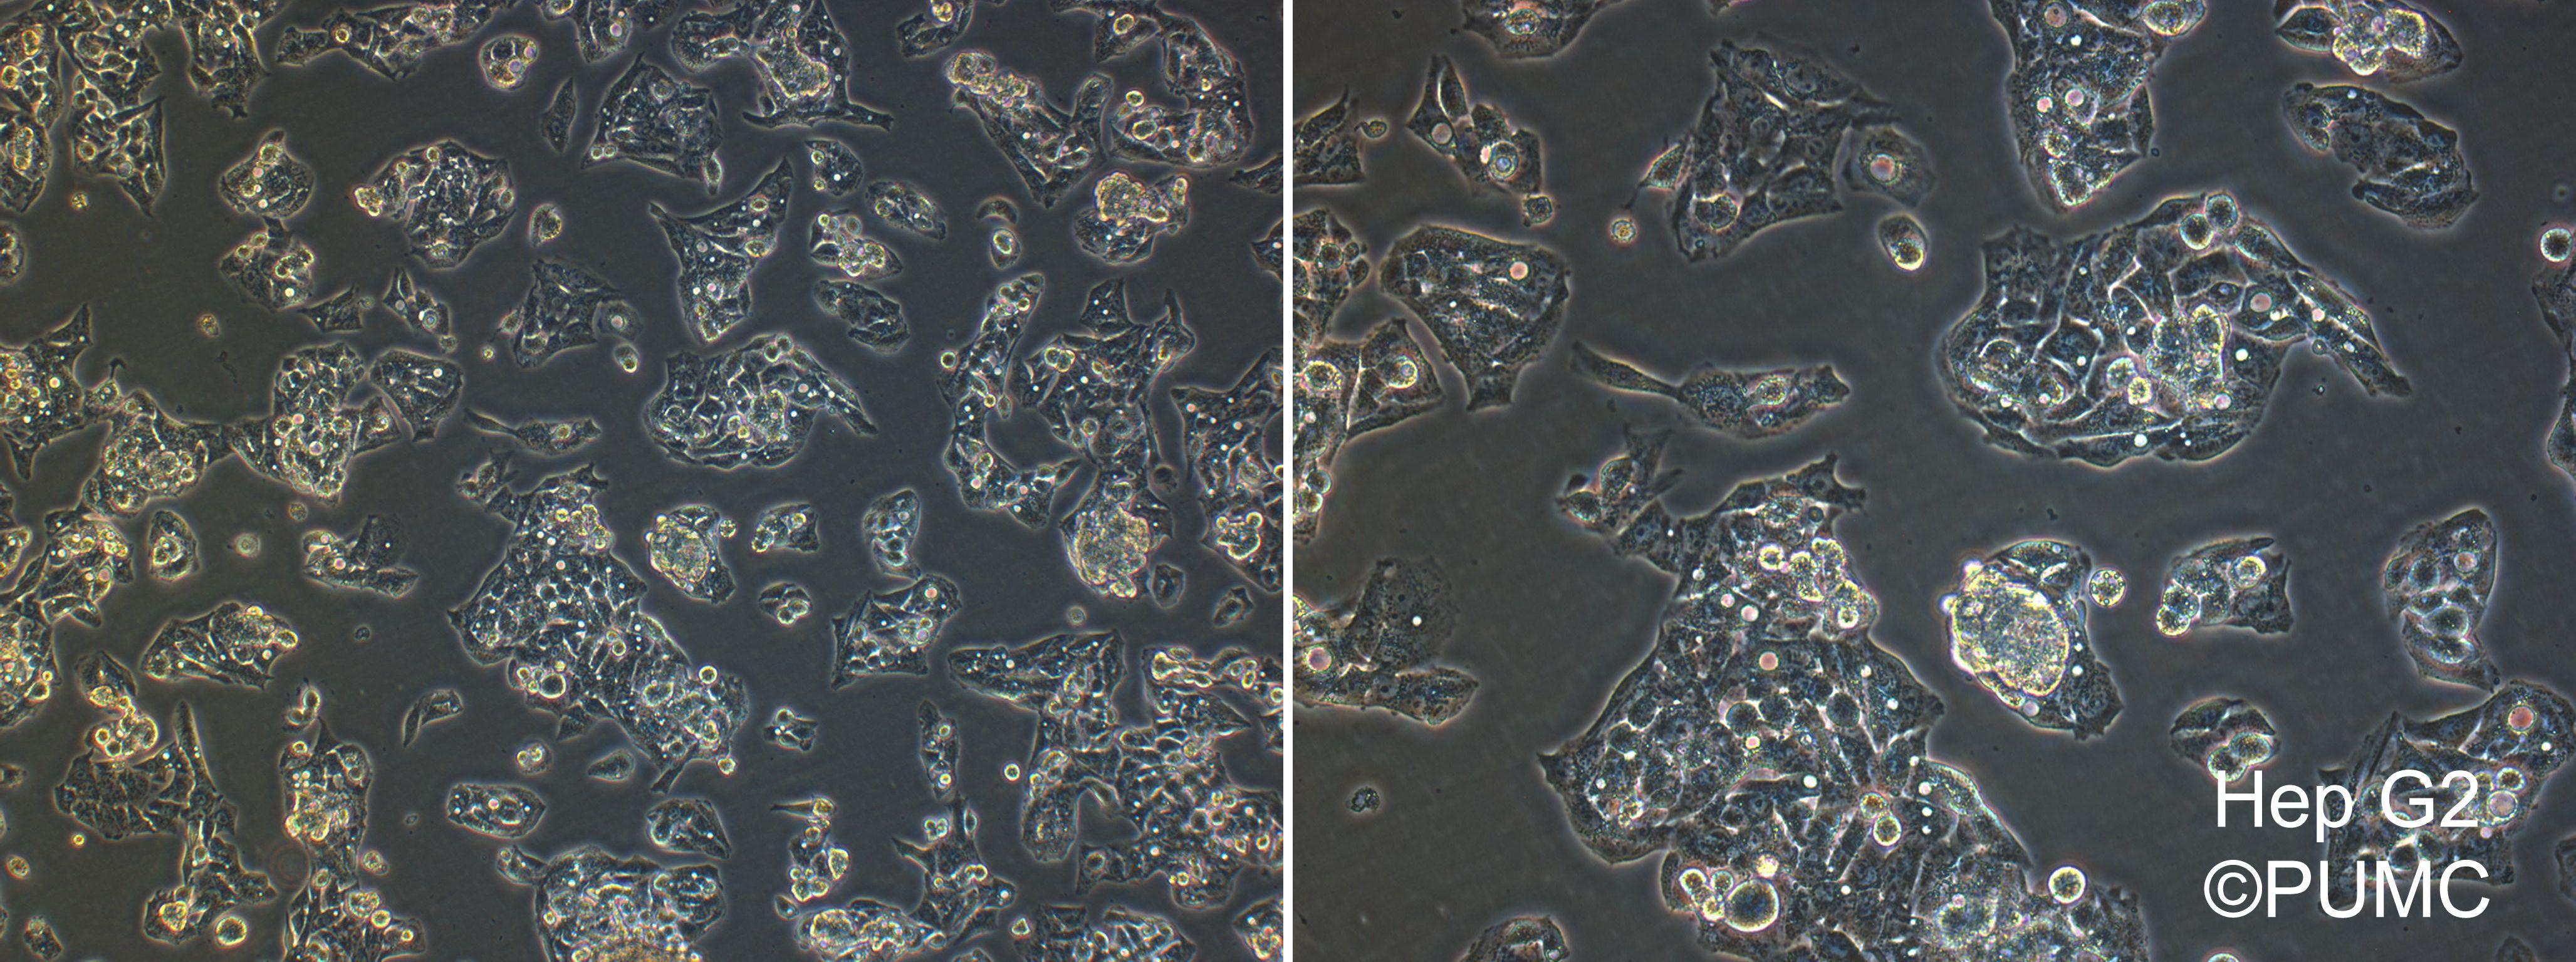 肝癌类细胞培养统计及问题沟通